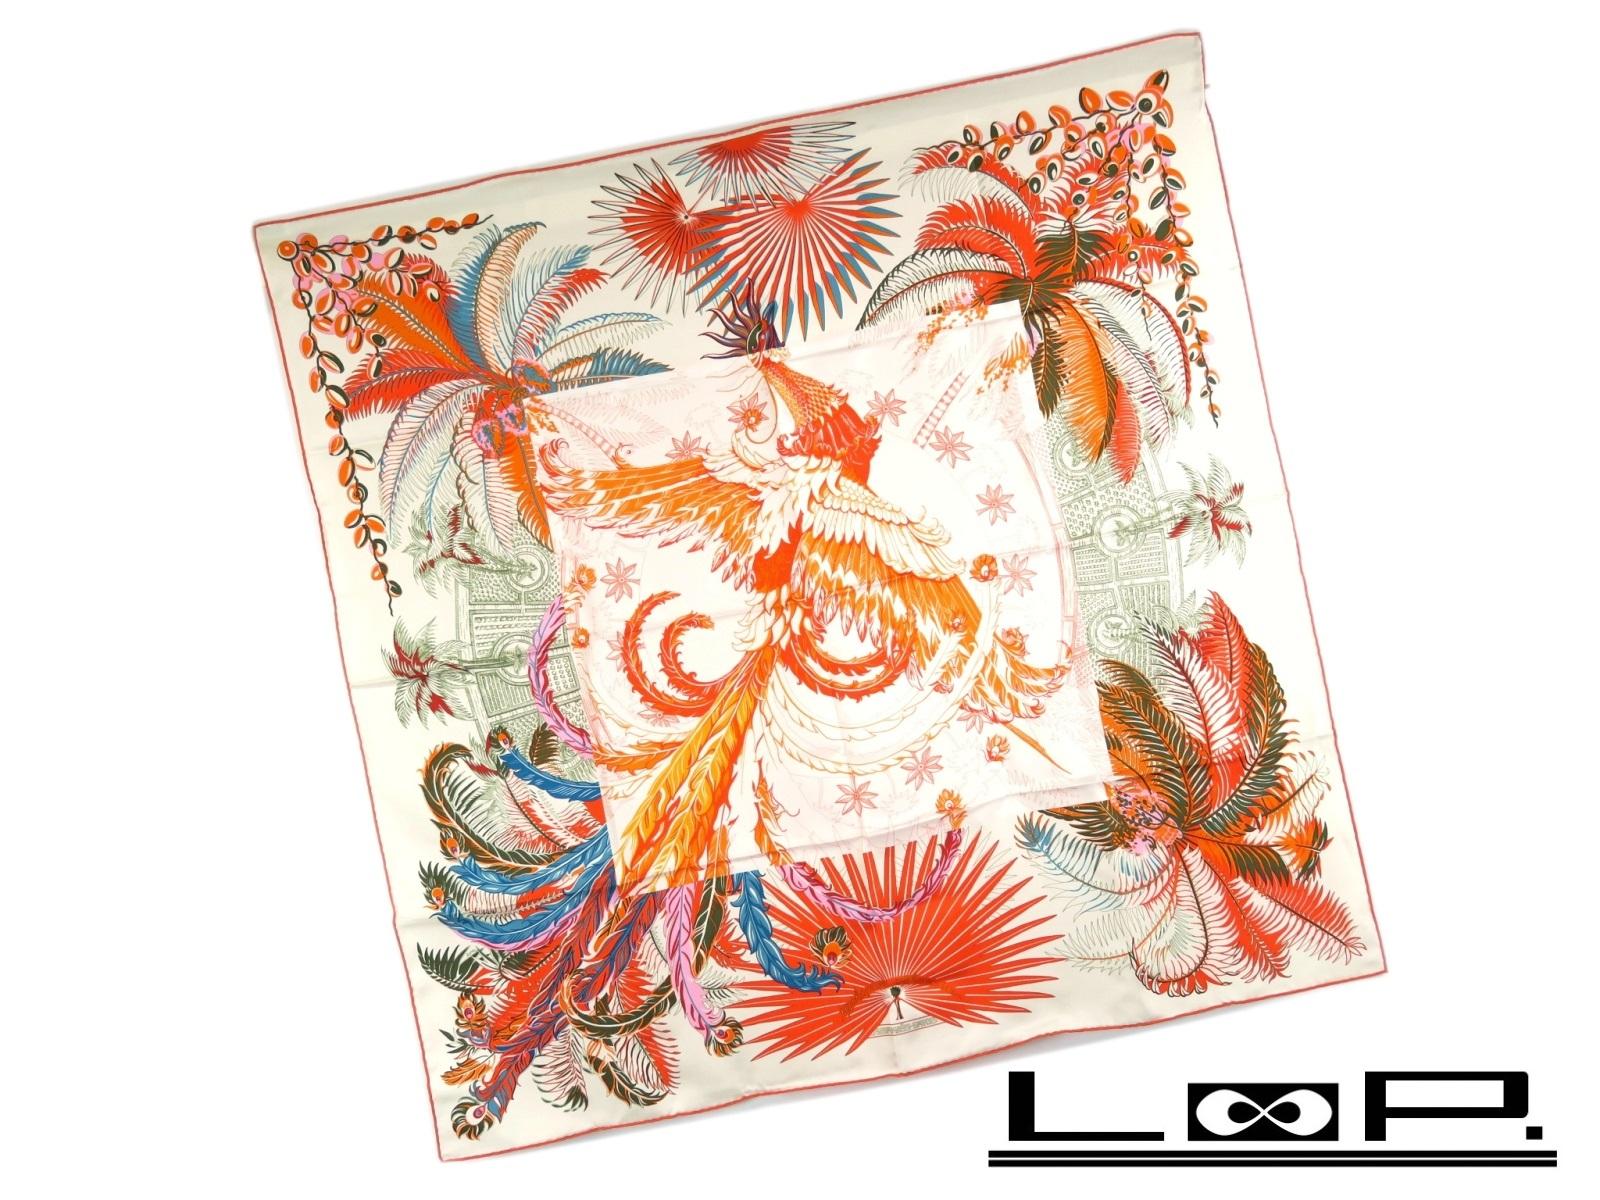 【美品】 HERMES エルメス カレ 90 Mythiques phoenix 不死鳥の神話 スカーフ シルク ホワイト 白 オレンジ 【A28379】 【中古】